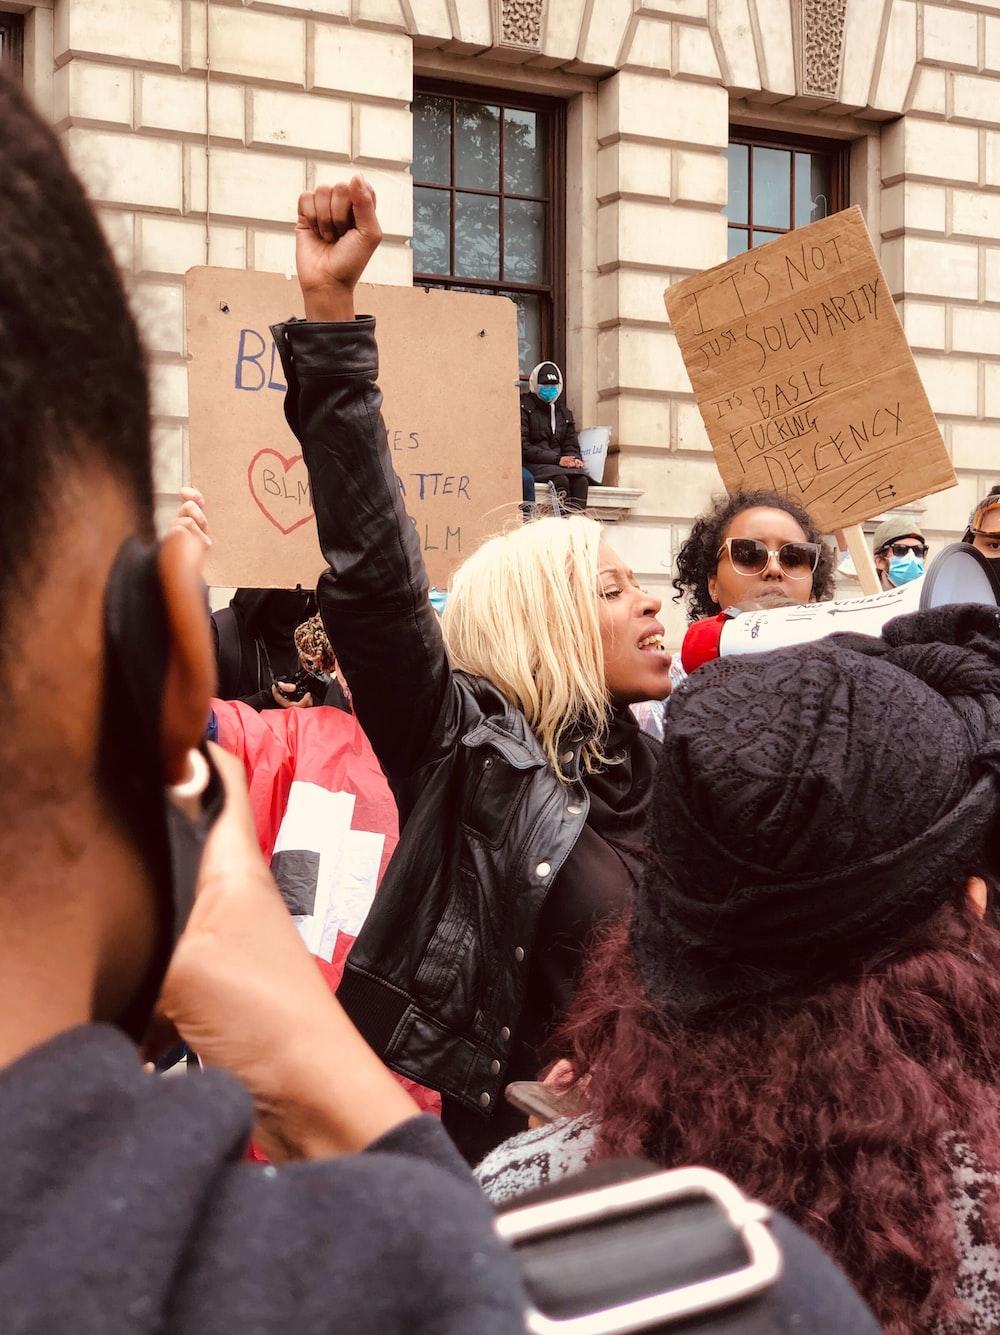 woman in black jacket standing near woman in black jacket